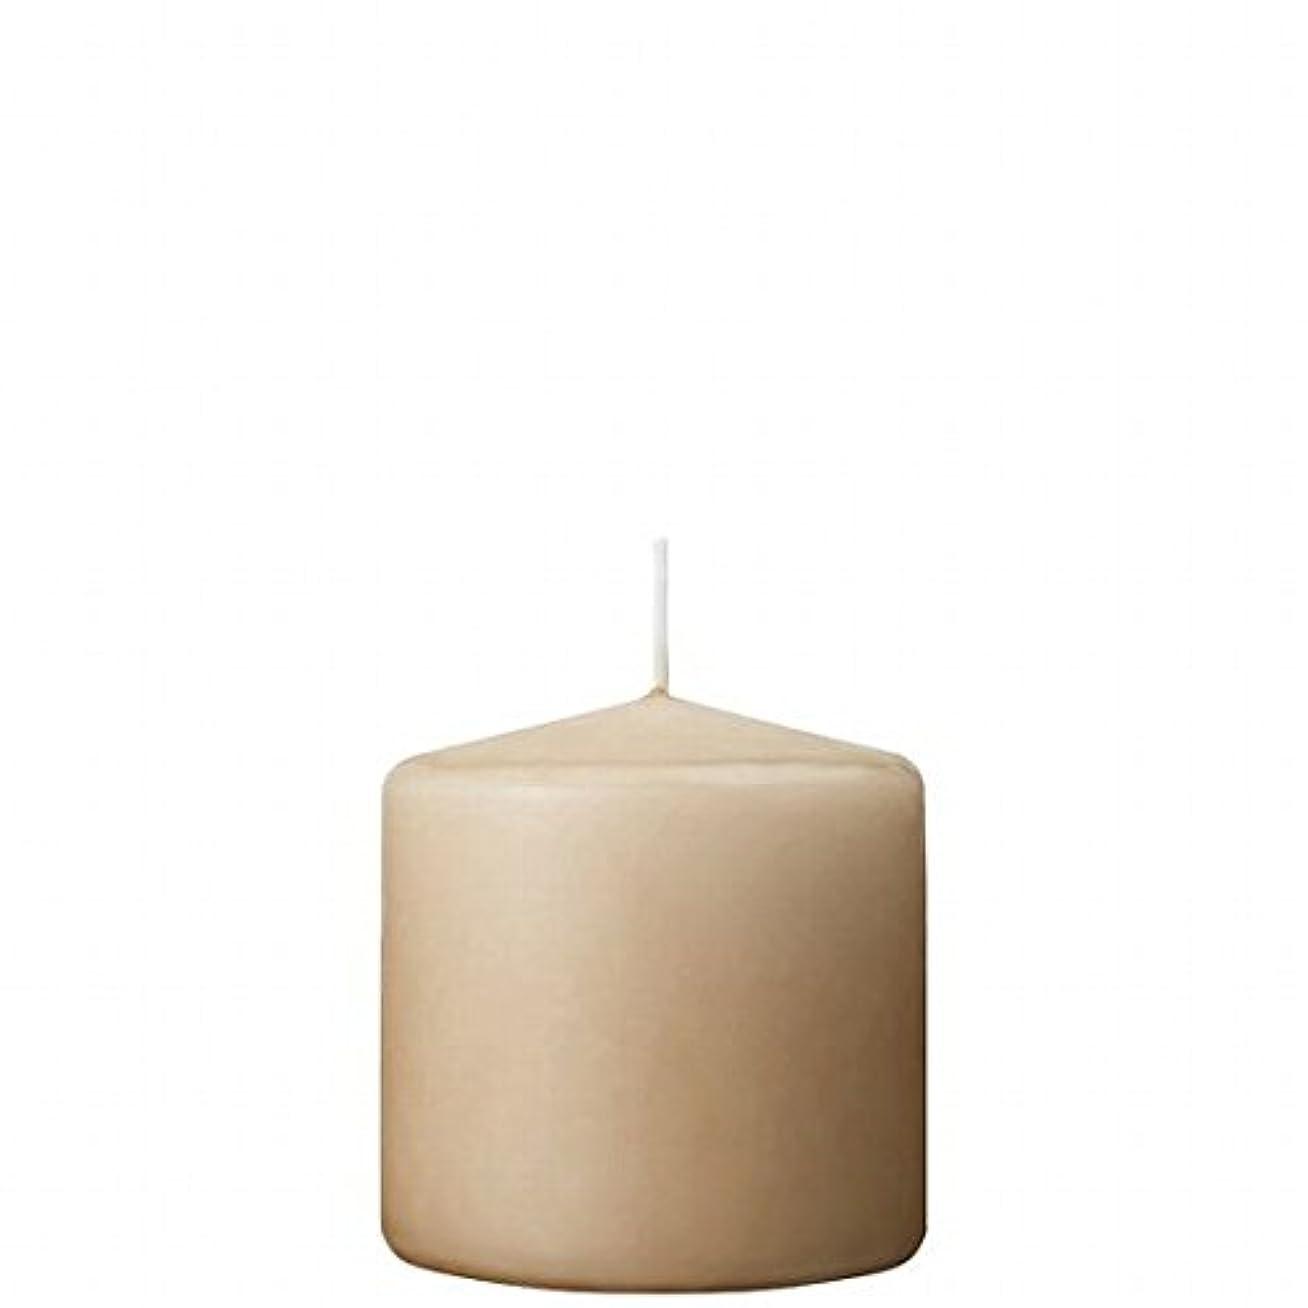 作る容疑者群がるkameyama candle(カメヤマキャンドル) 3×3ベルトップピラーキャンドル 「 ベージュ 」(A9730000BG)